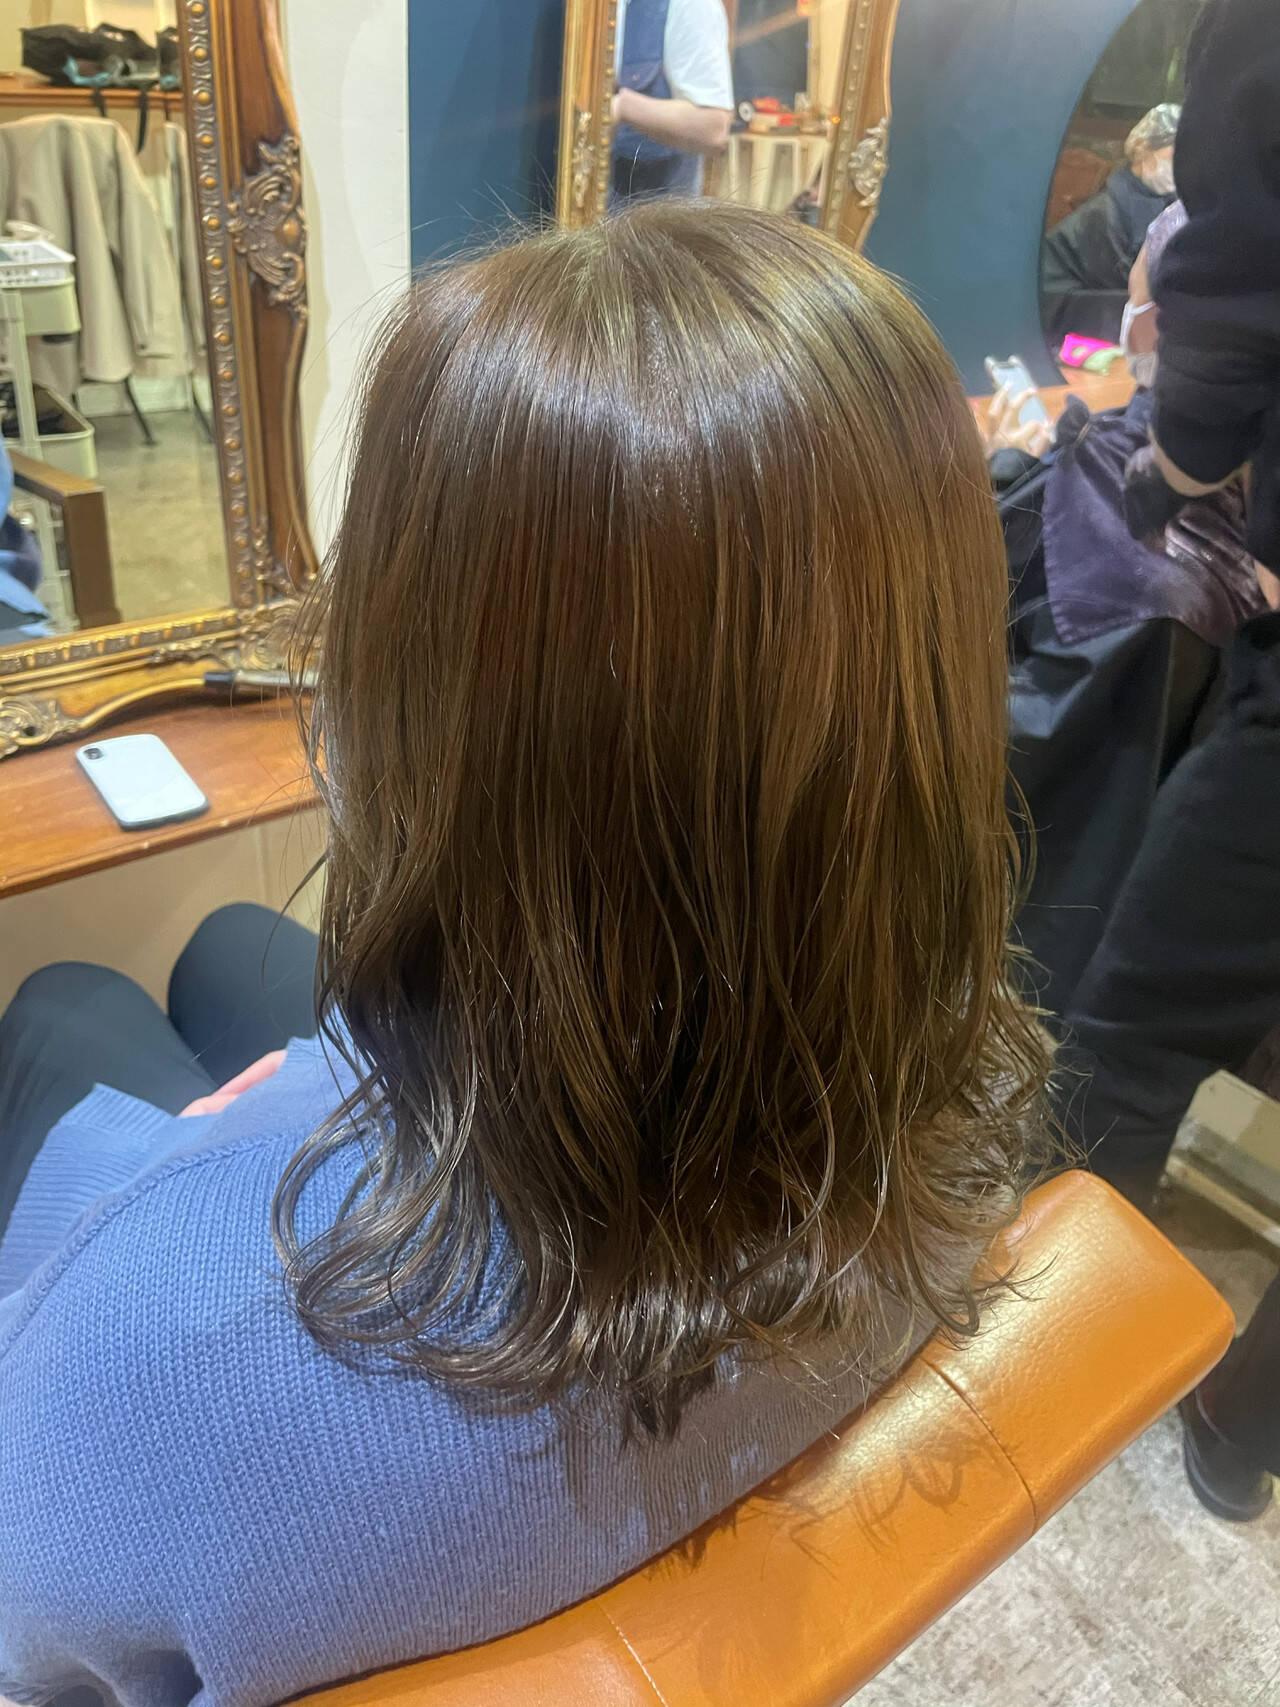 オリーブベージュ ナチュラル ベージュ オリーブグレージュヘアスタイルや髪型の写真・画像